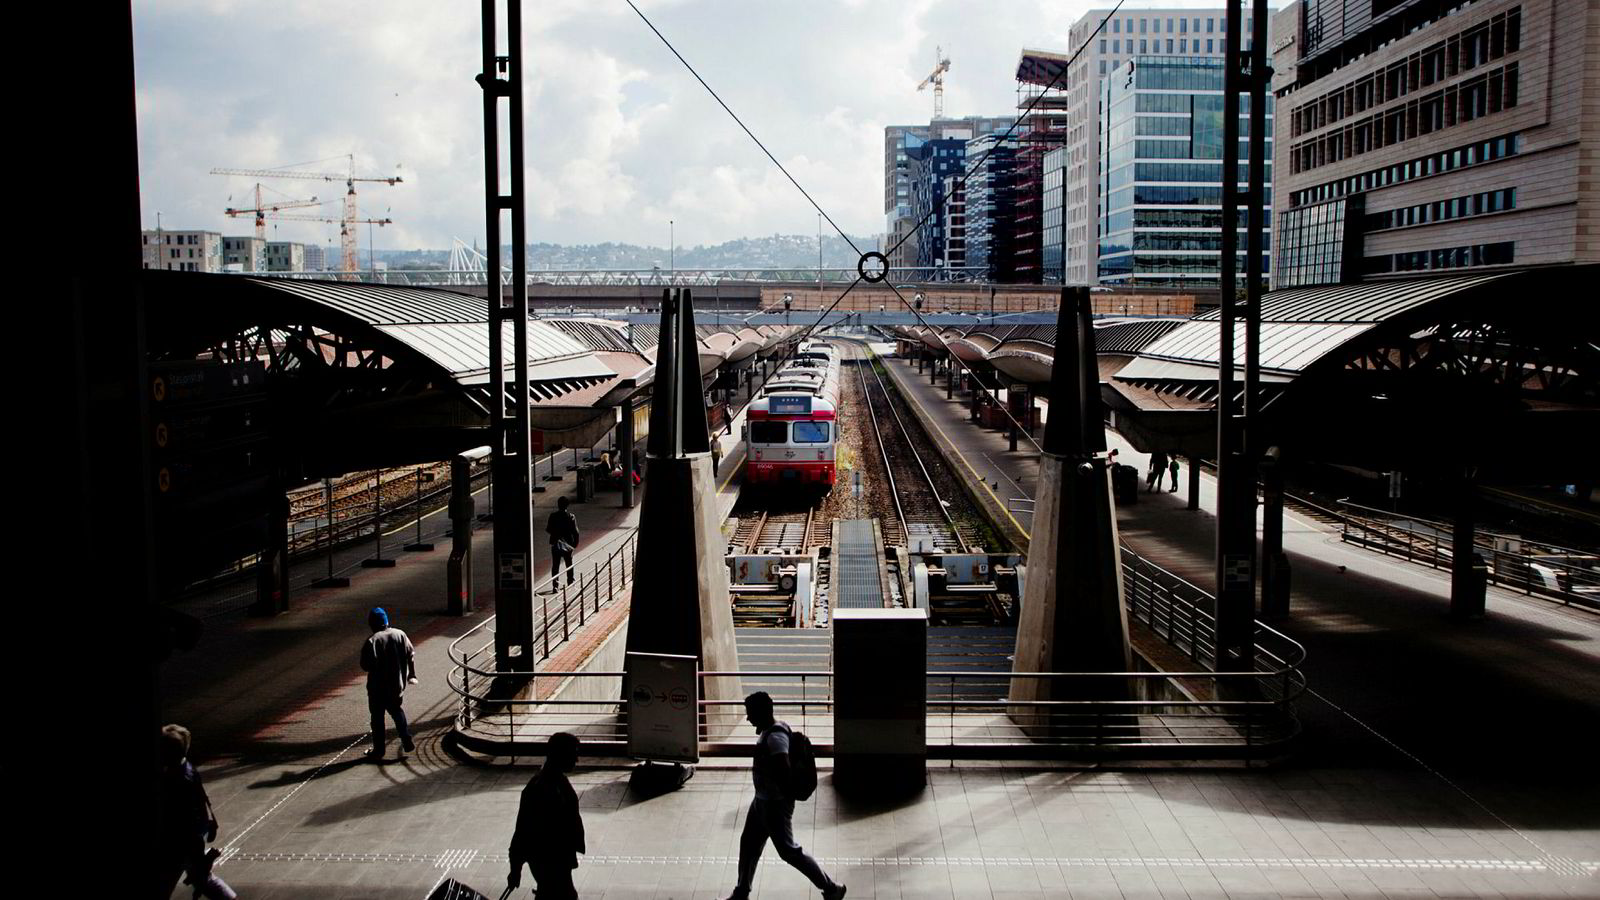 Konkret mener vi at det er grunnlag for å likestille reisetid med passivt arbeid i arbeidslivet.